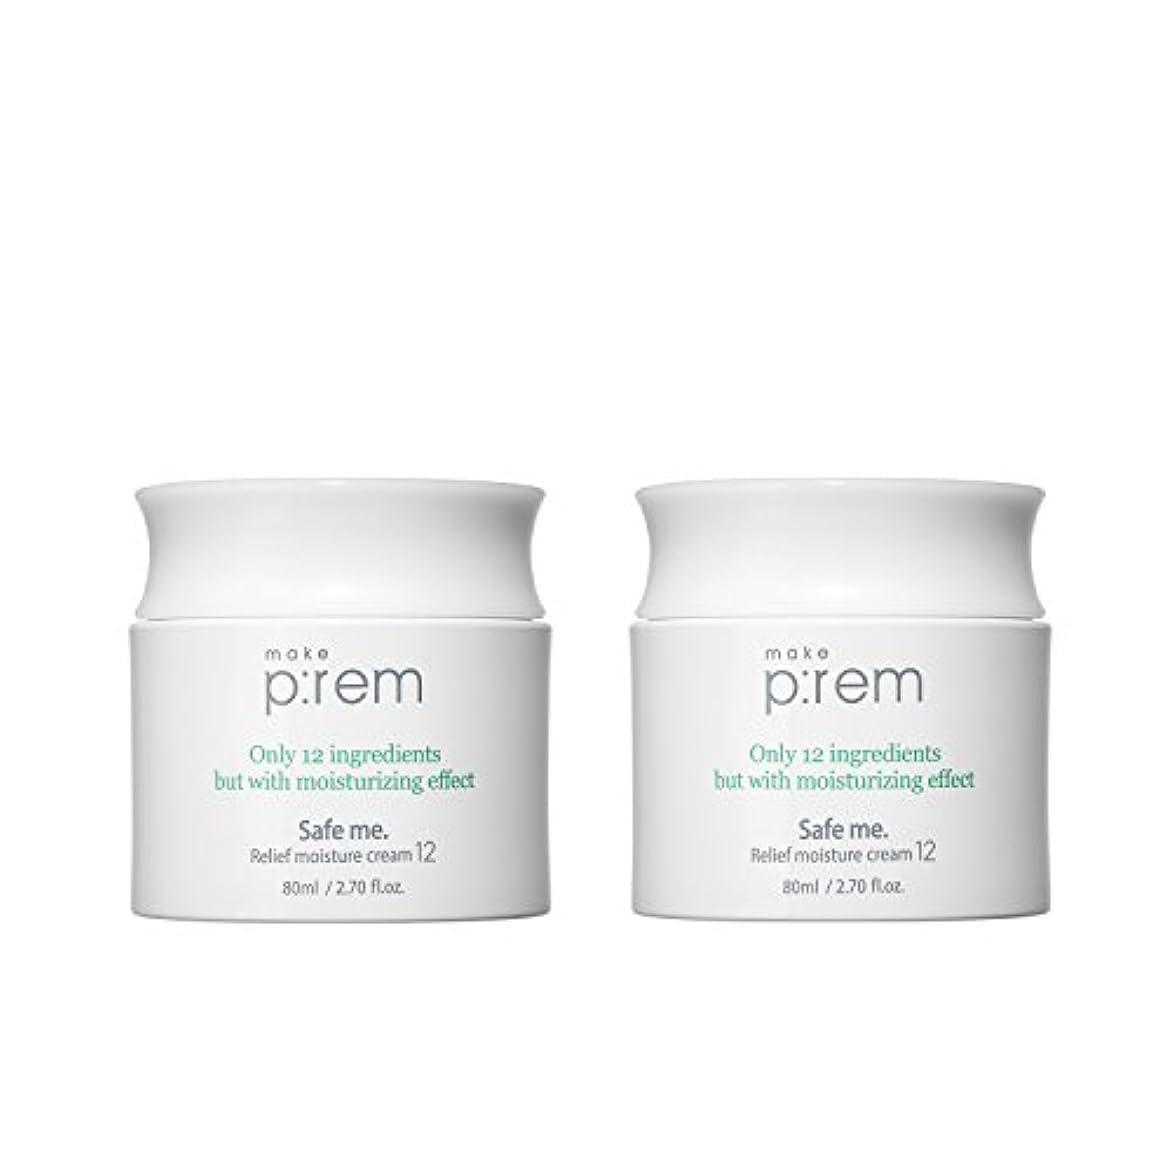 ゲージキウイページェント(2個セット) x [MAKE P:REM] メイクプレム セーフミ?リリーフモイスチャークリーム12 80ml / Safe me. Relief moisture Cream 12 80ml / / 韓国製 . 海外直送品